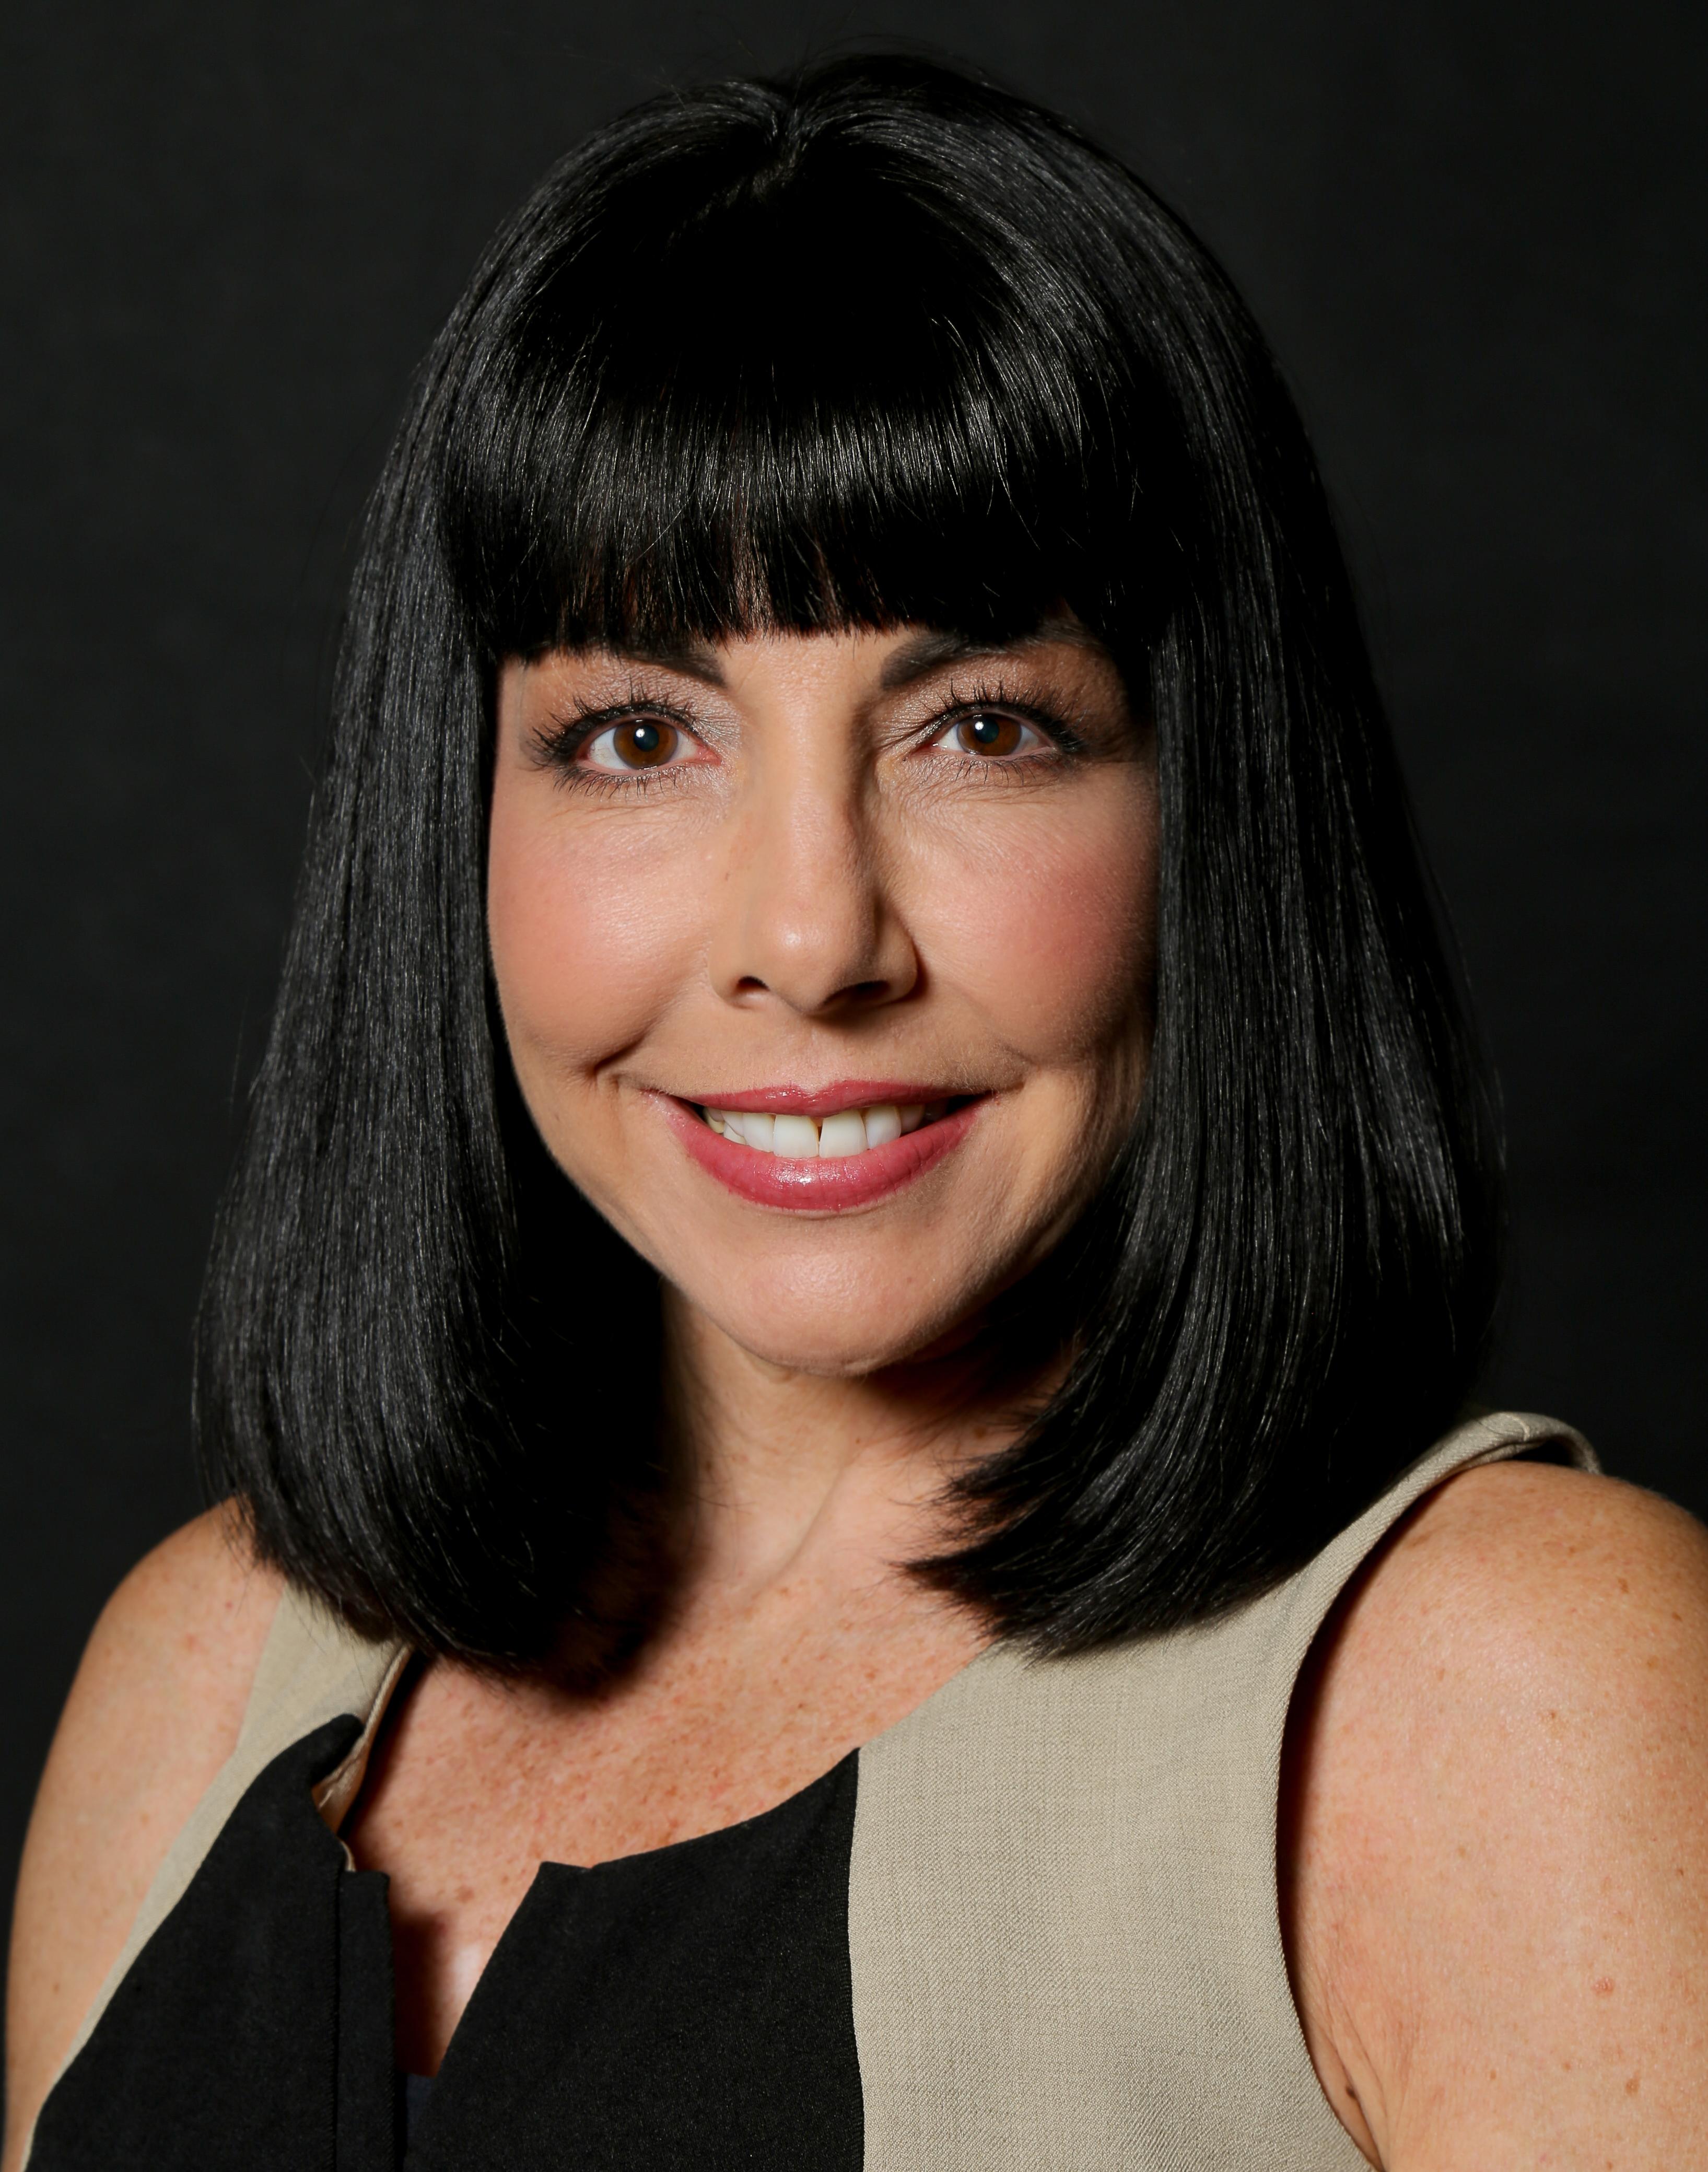 Erica Pulcini